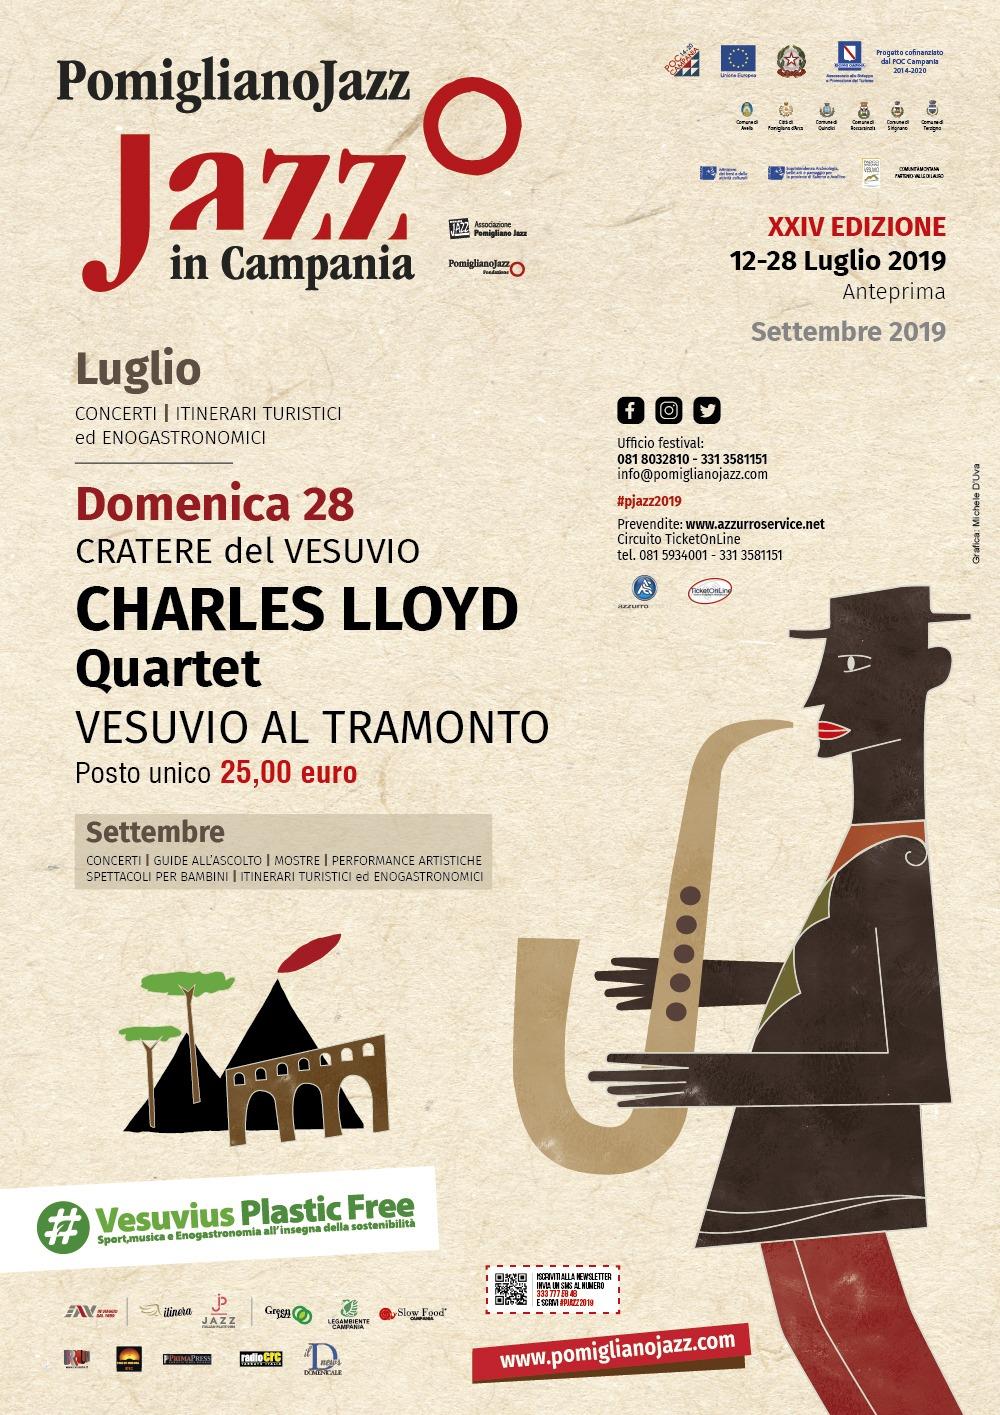 Pomigliano Jazz concerto sul Gran Cono del Vesuvio